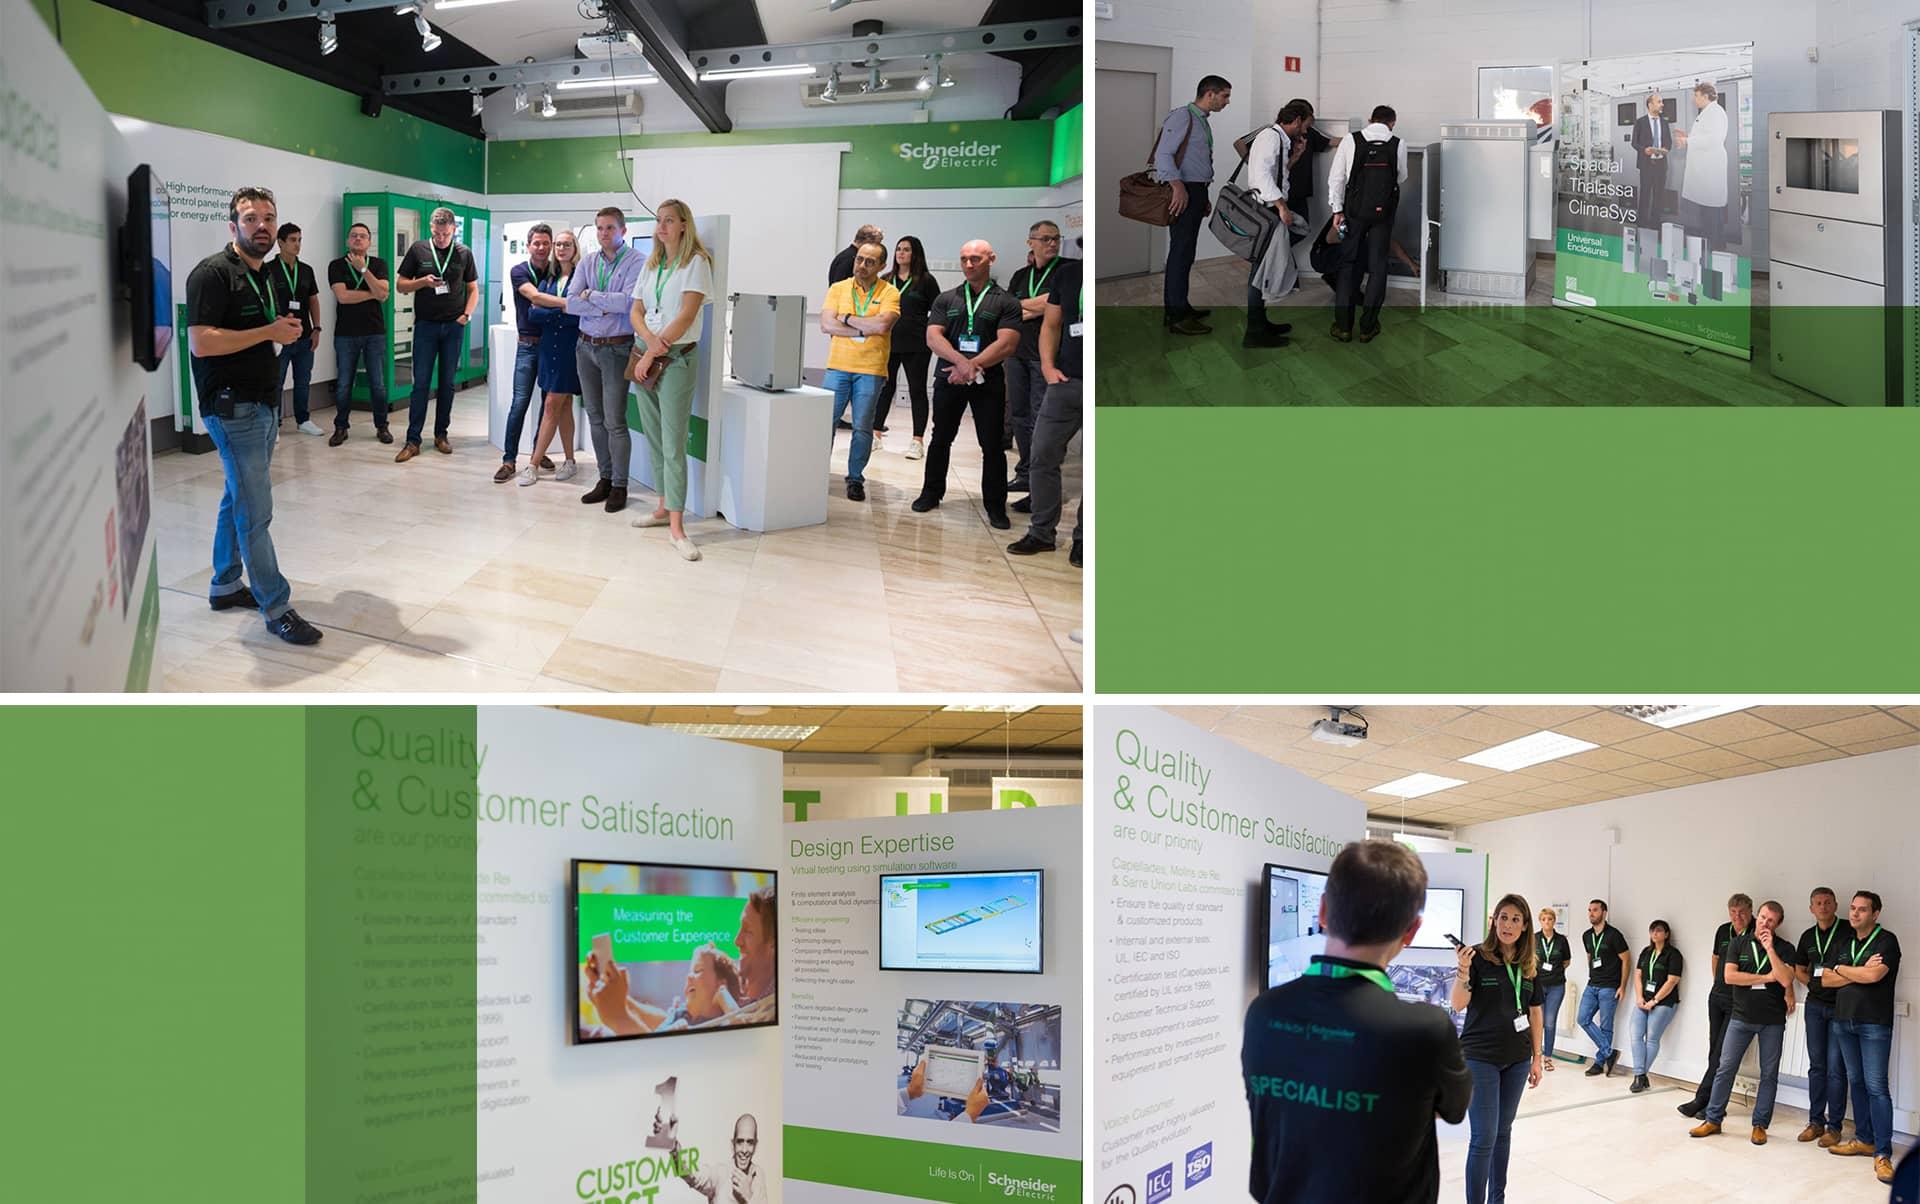 03 Evento para el sector electrico - Dirección, diseño y producción de evento